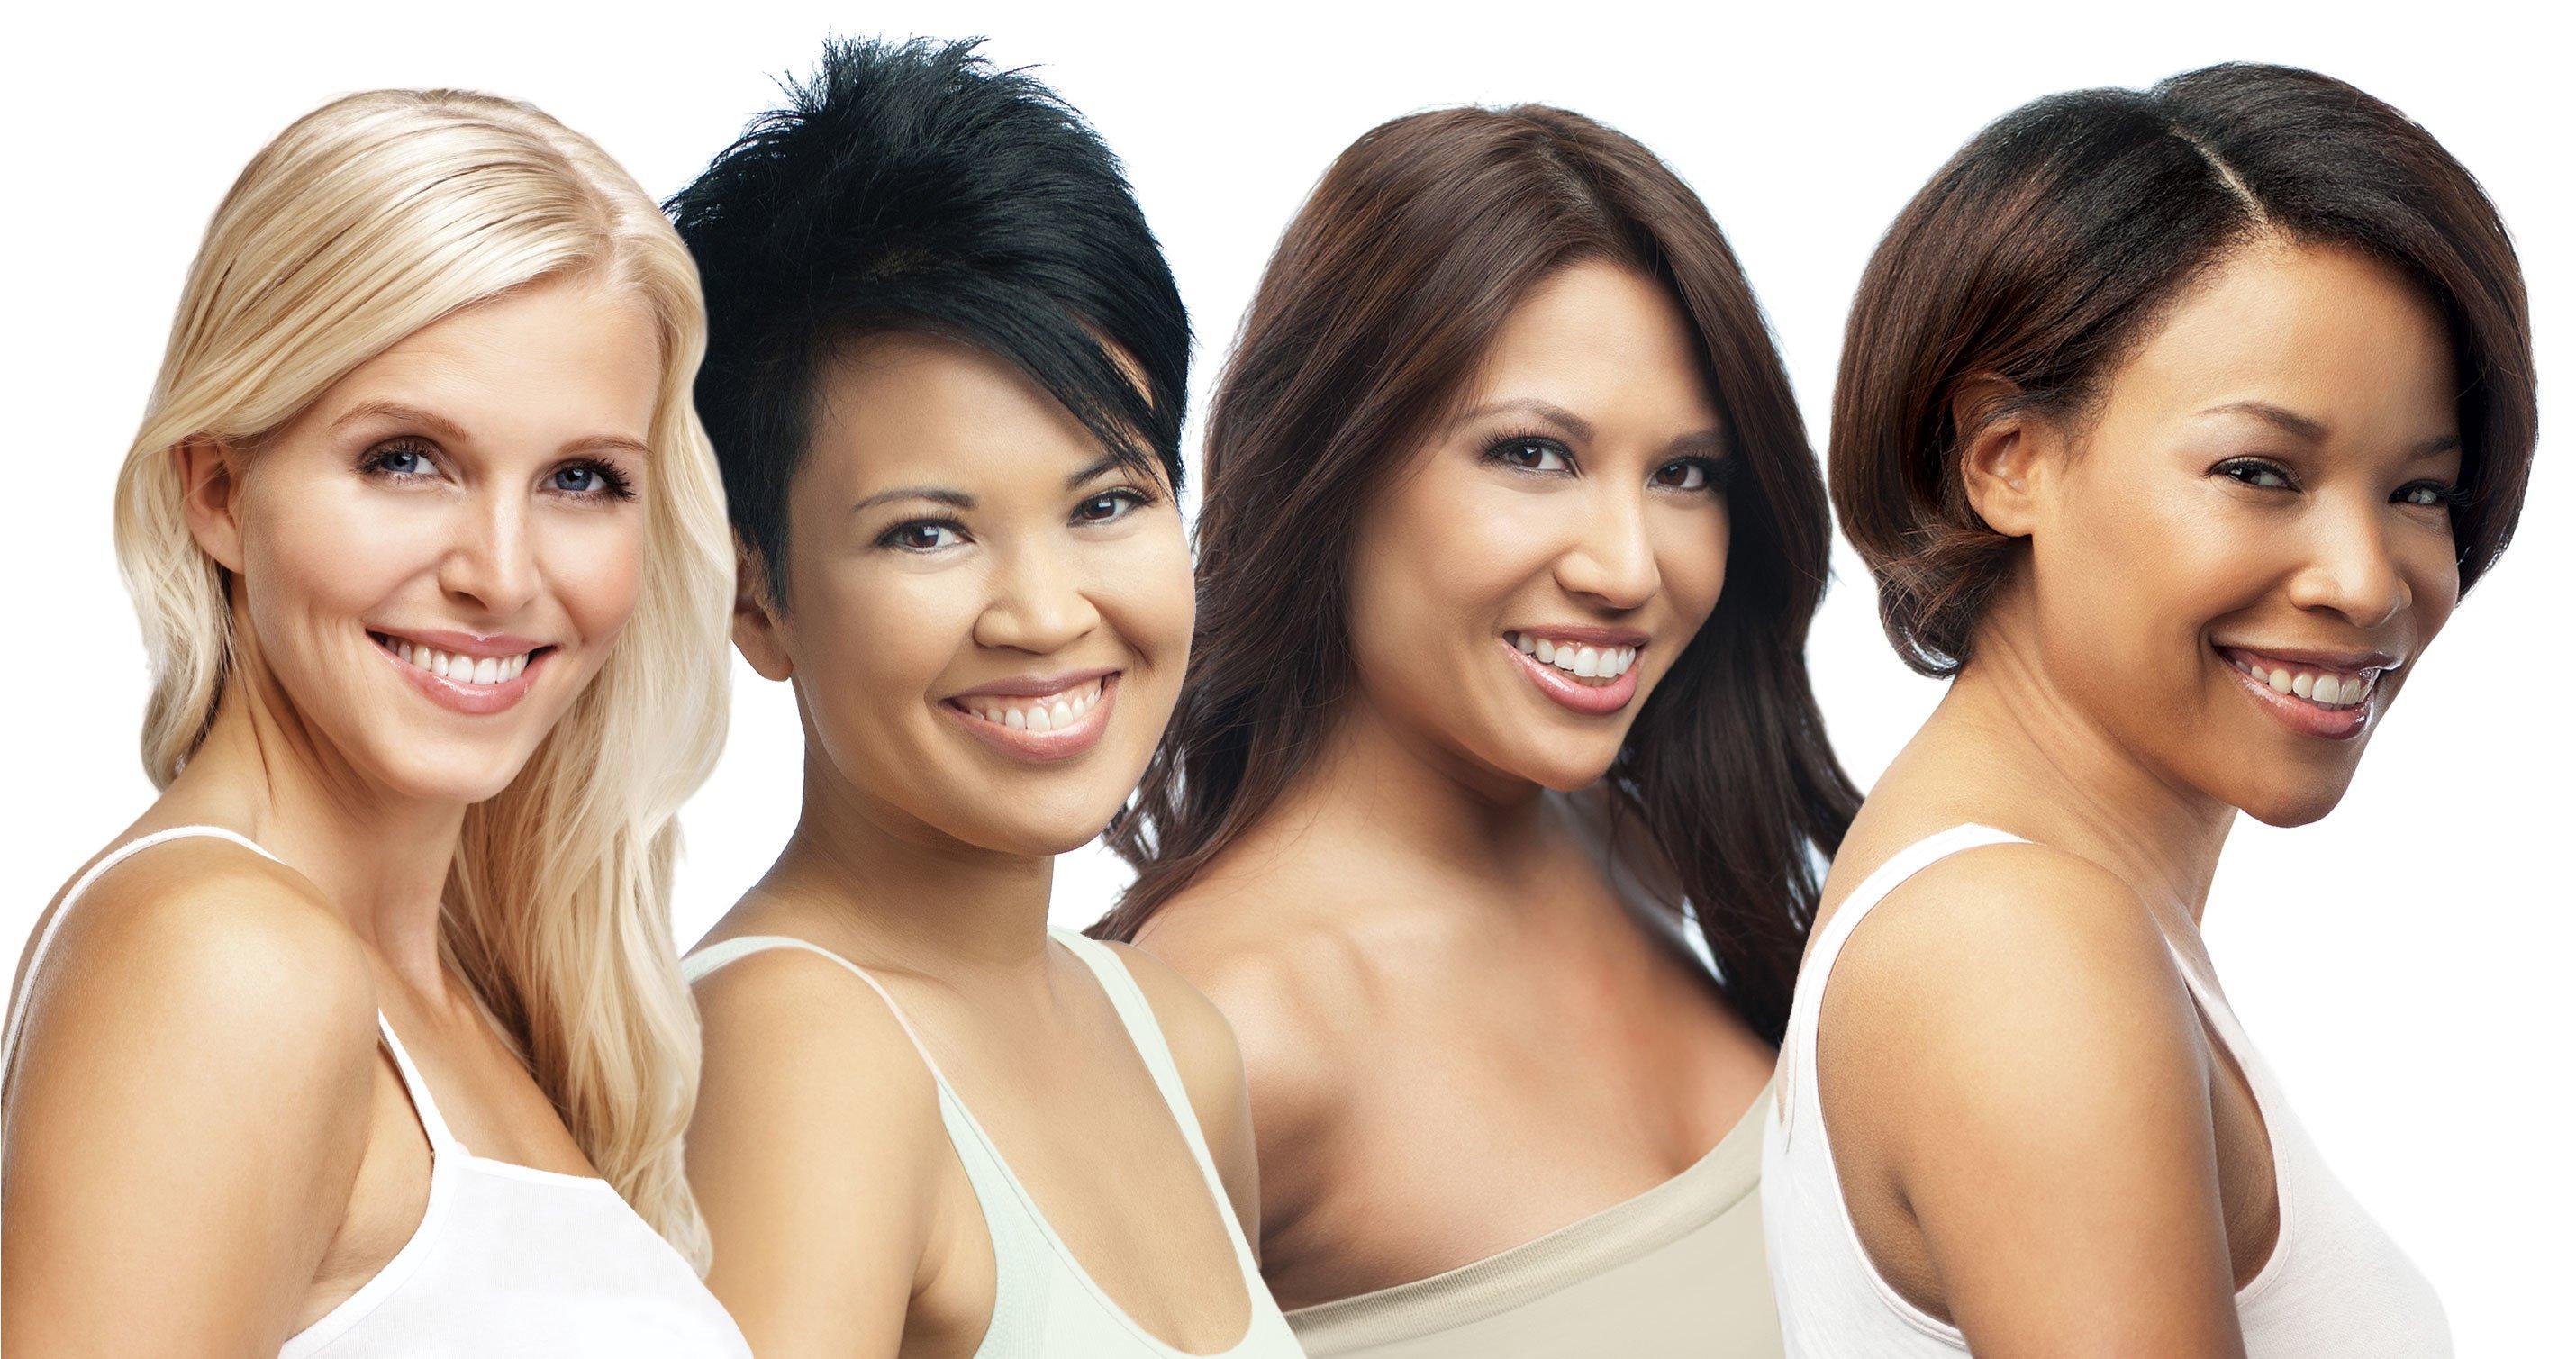 Типы кожи лица. Как определить тип кожи лица